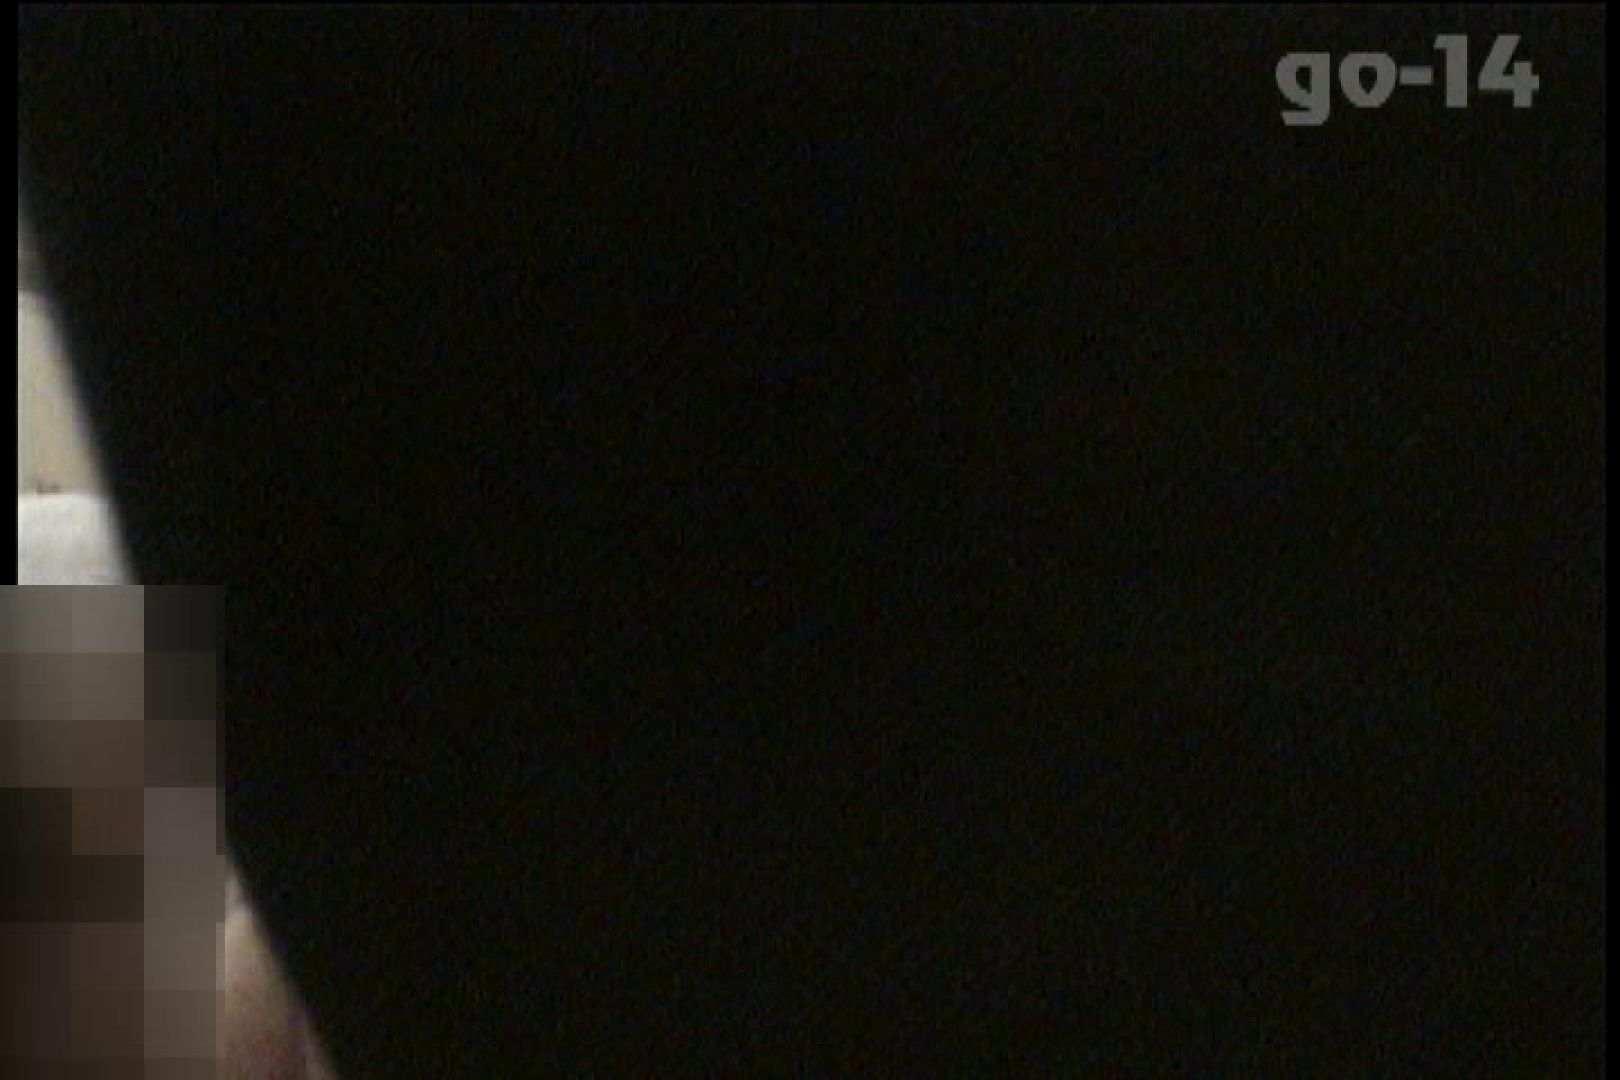 厳選潜入女風呂 No.14 脱衣所の着替え すけべAV動画紹介 107画像 86